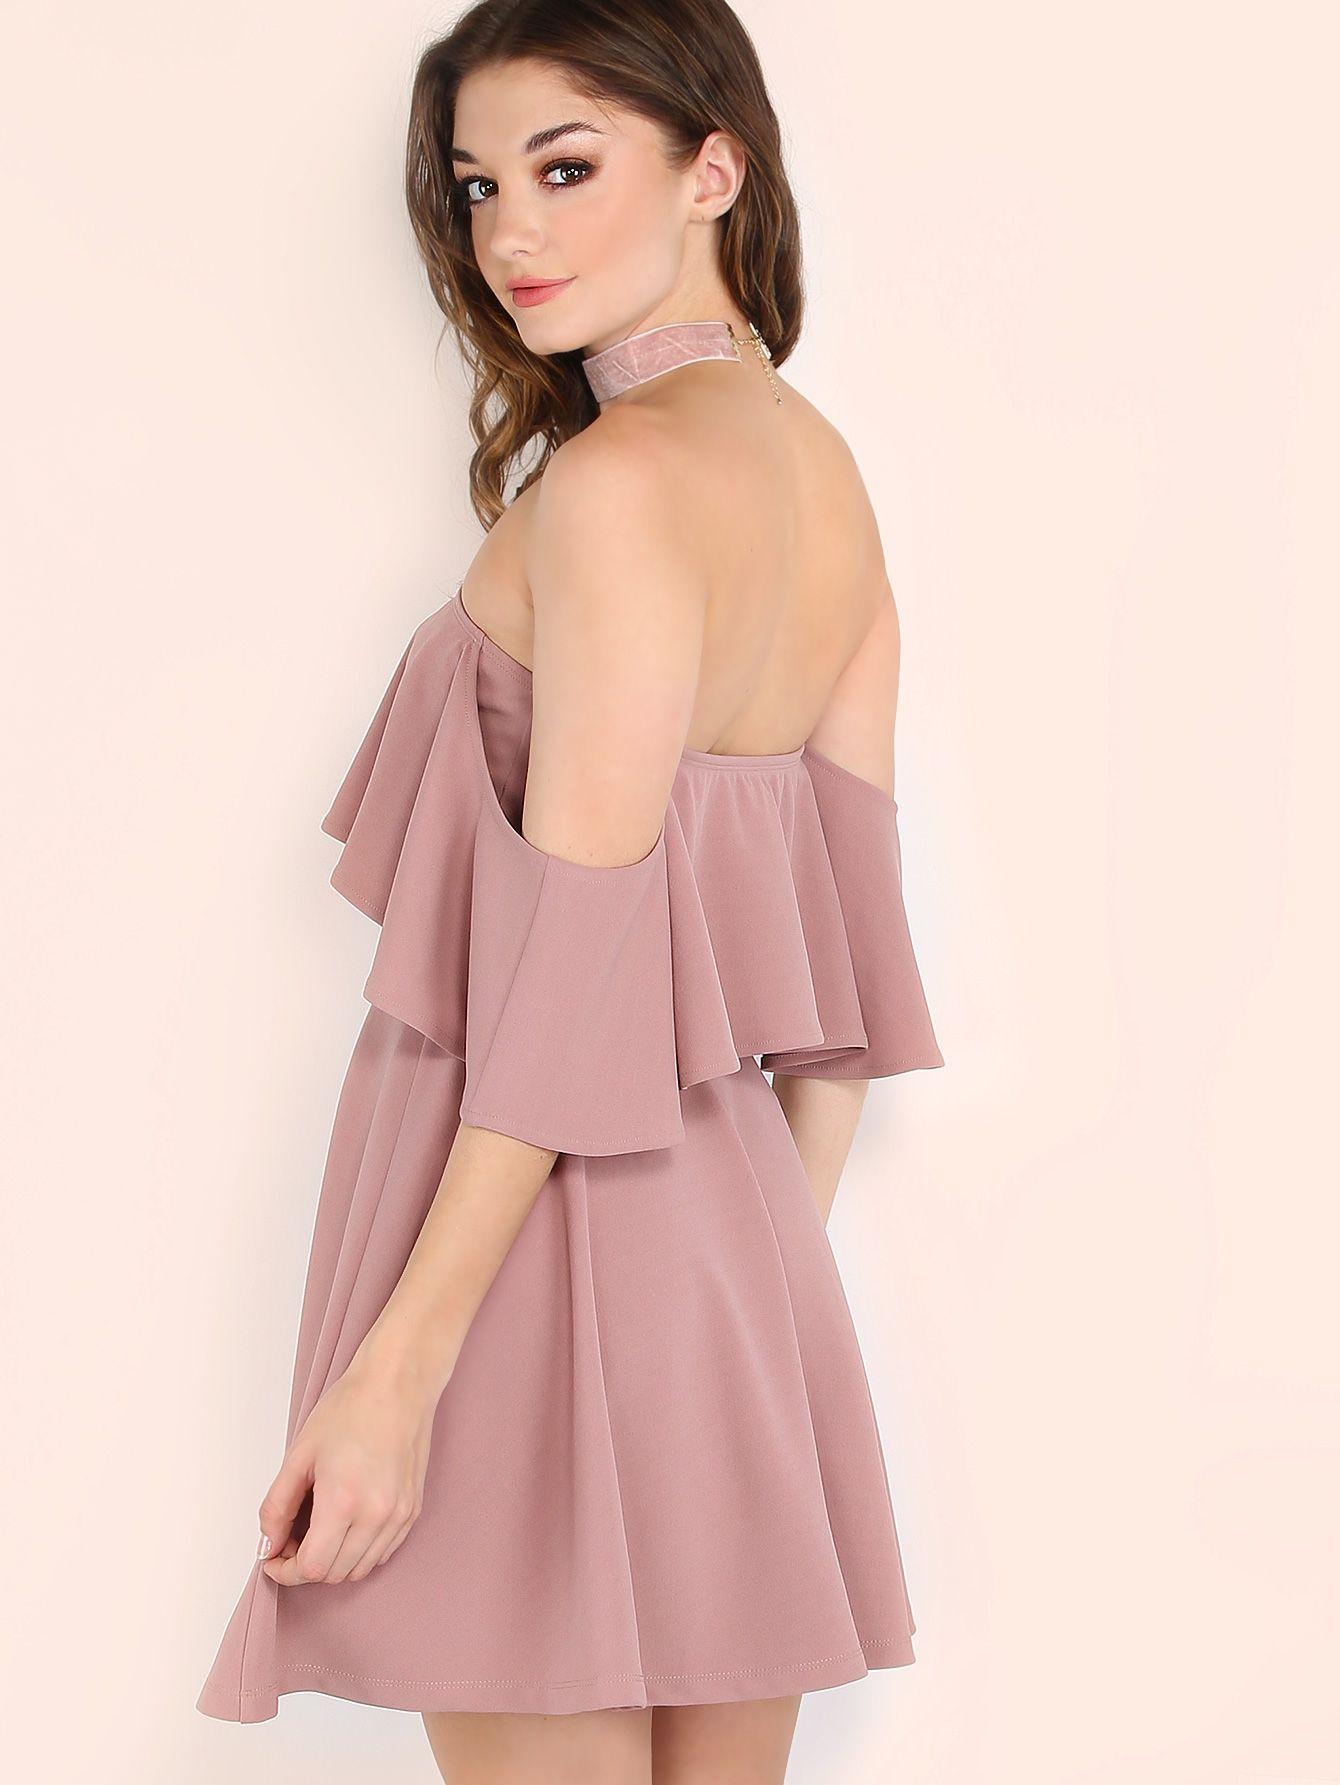 Модное платье с открытыми плечами | Vestiditos | Pinterest ...